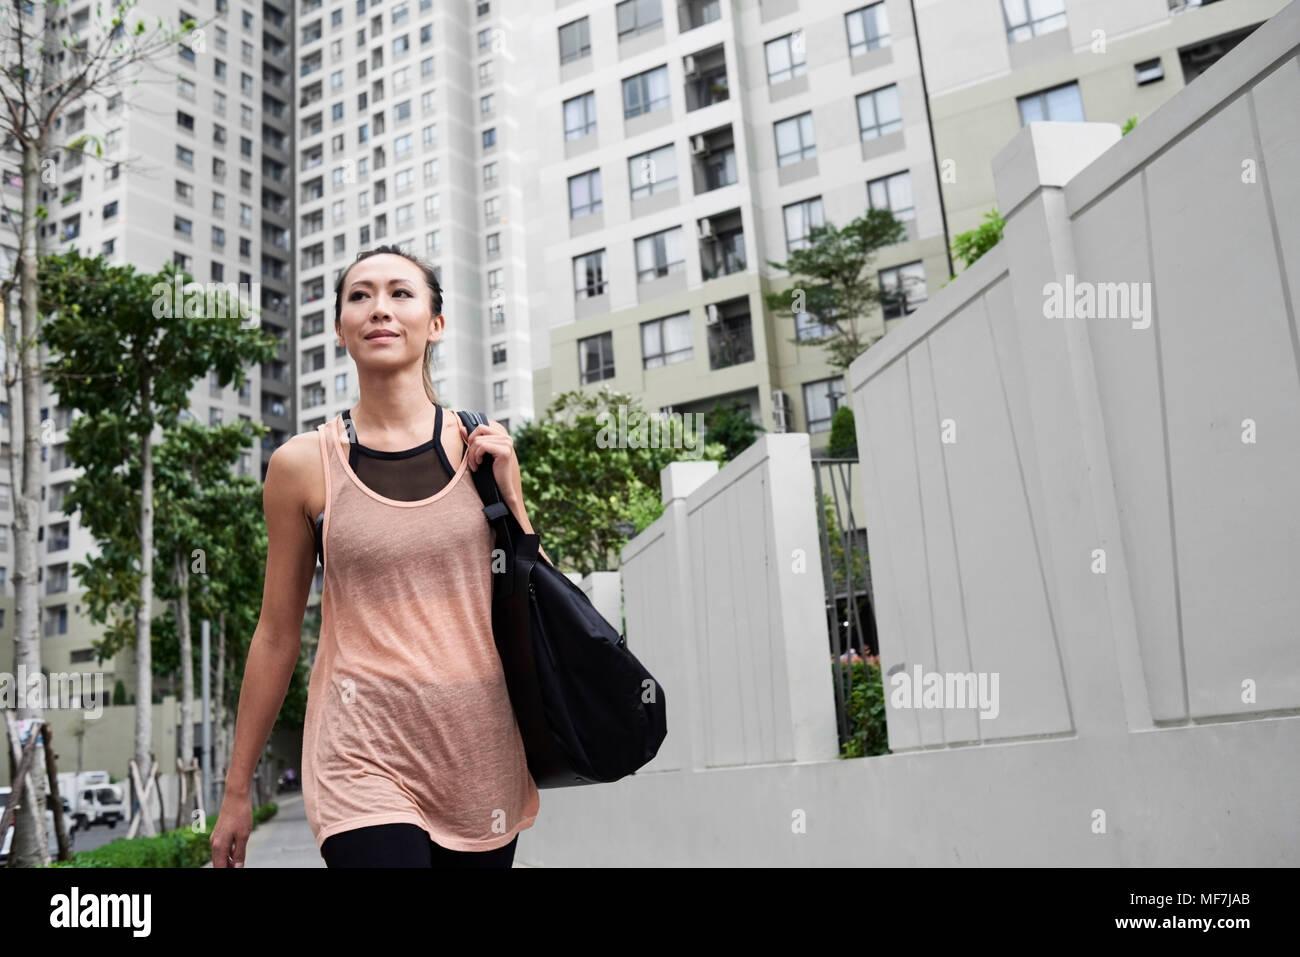 Seguro colocar mujer caminando en entorno urbano. Imagen De Stock